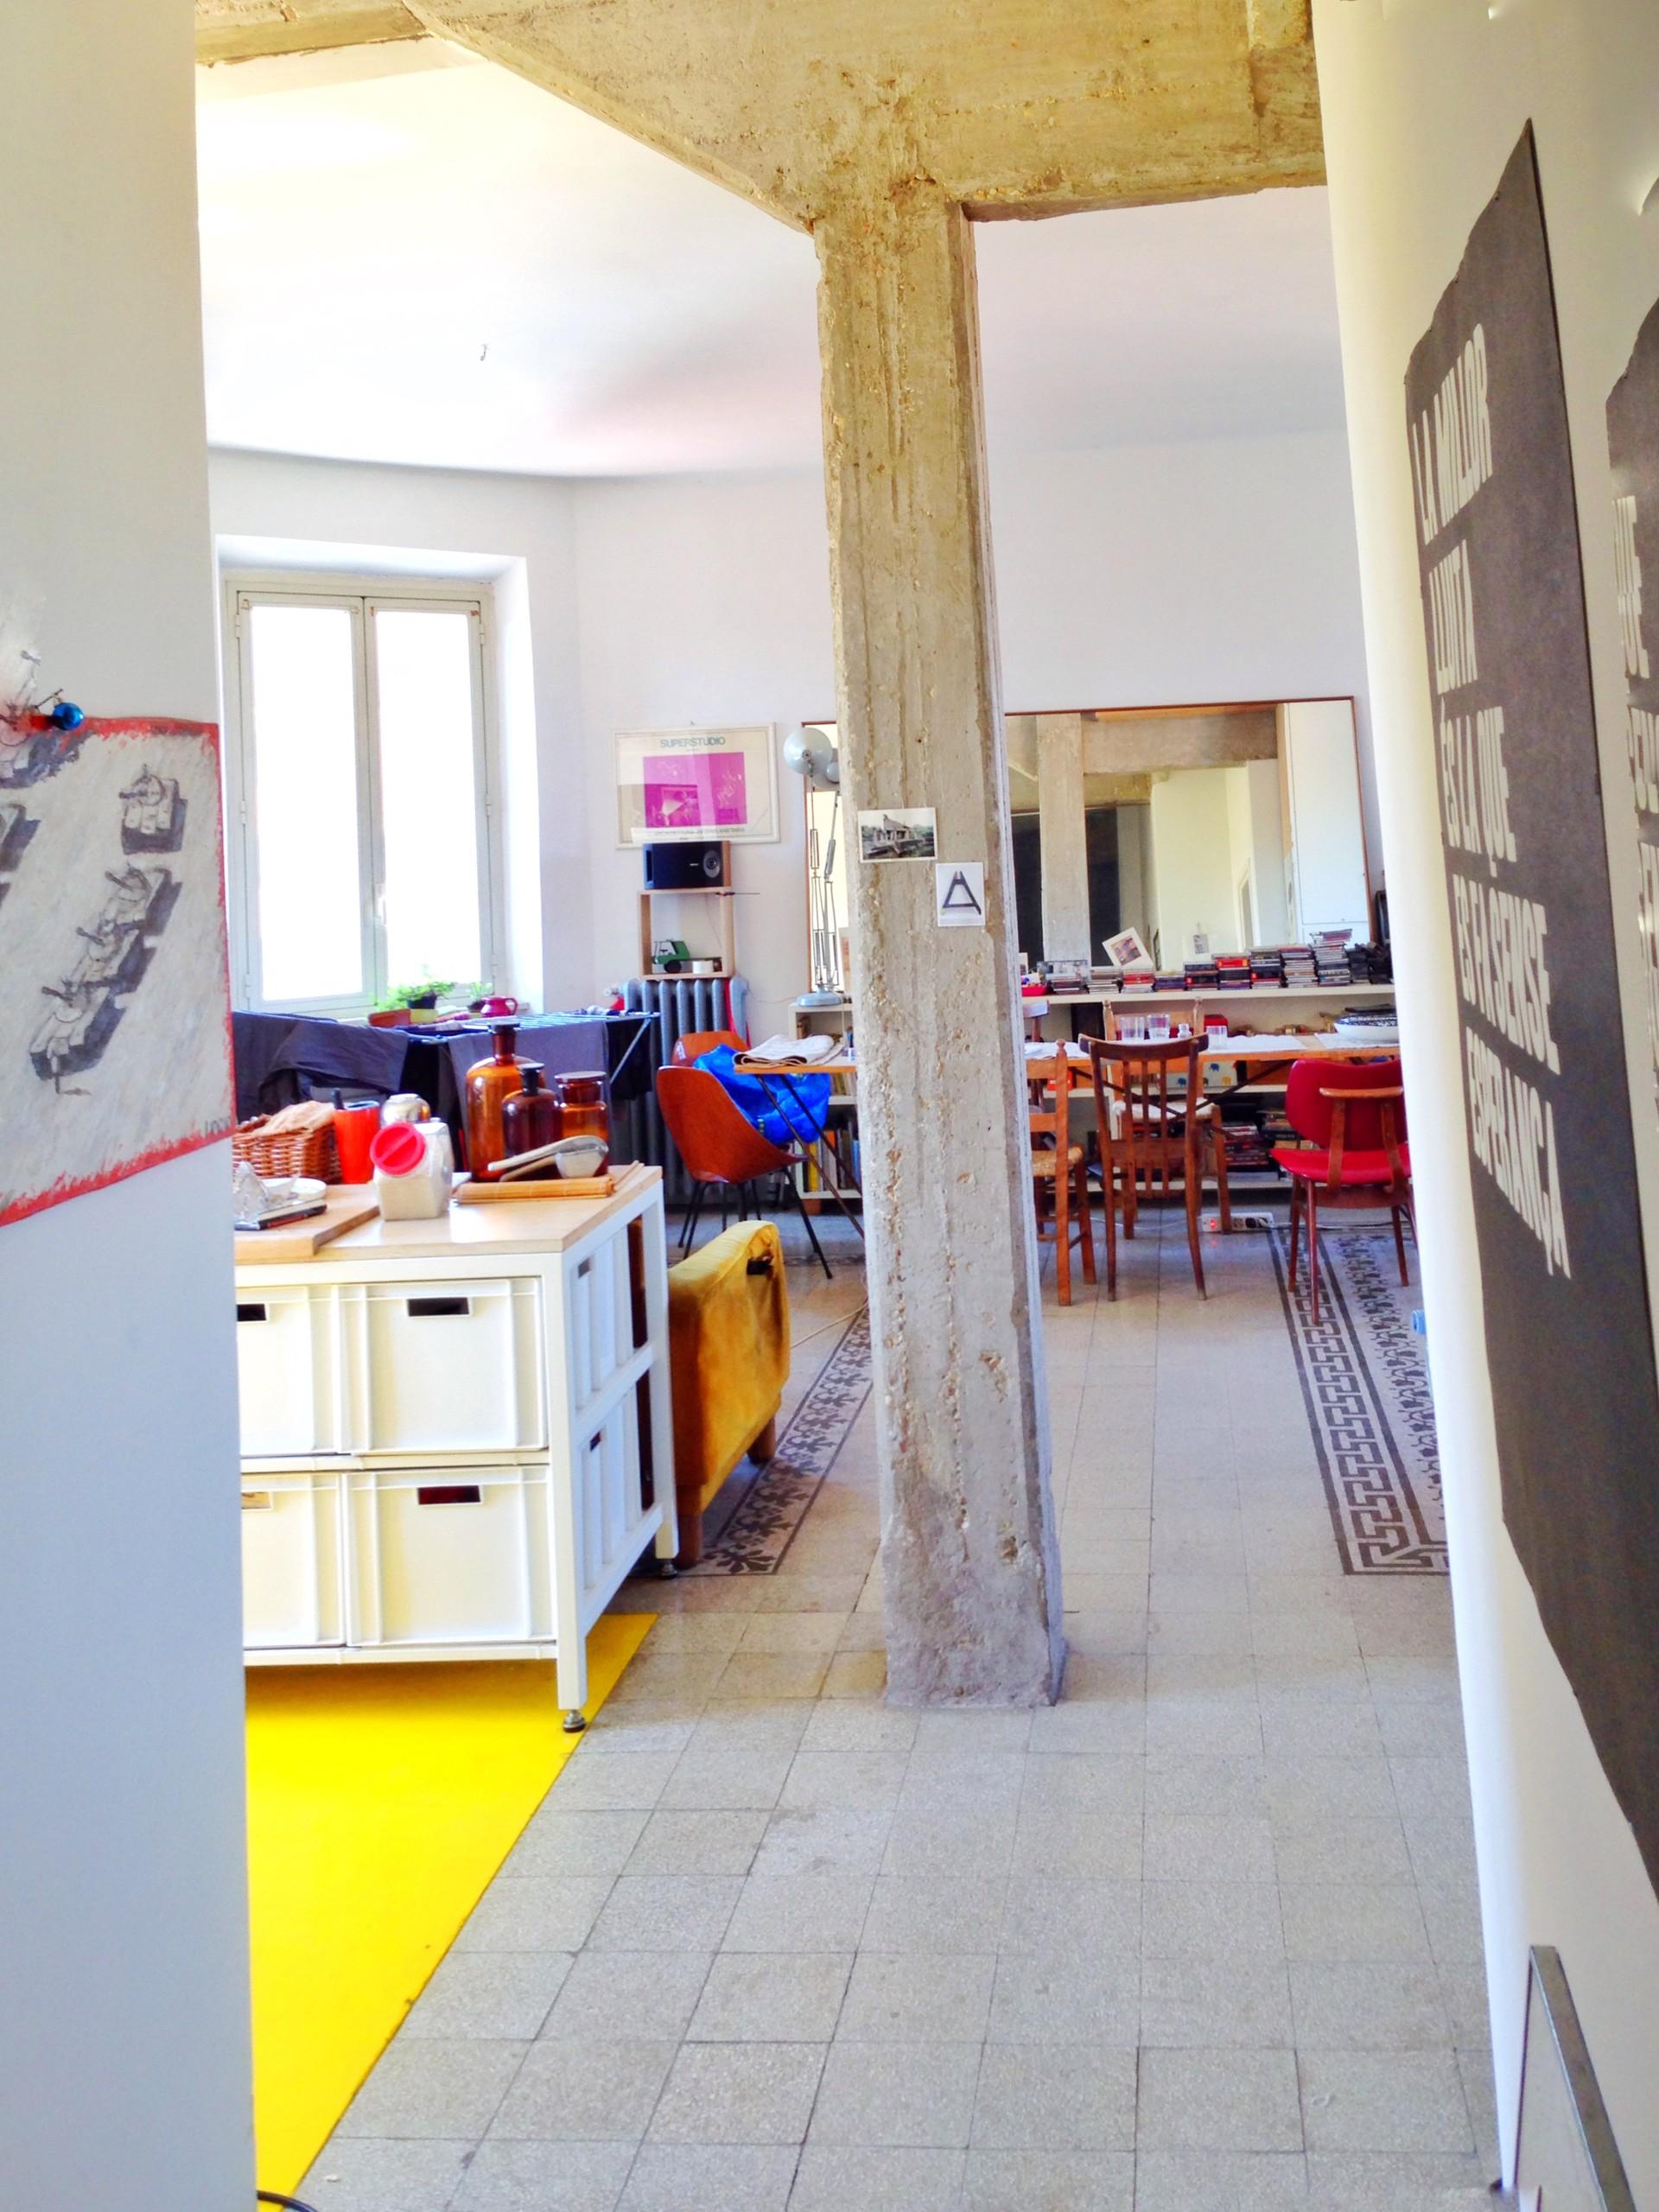 Affitto stanza con bagno privato in grande appartamento panoramico a roma room for rent rome - Stanza con bagno privato roma ...